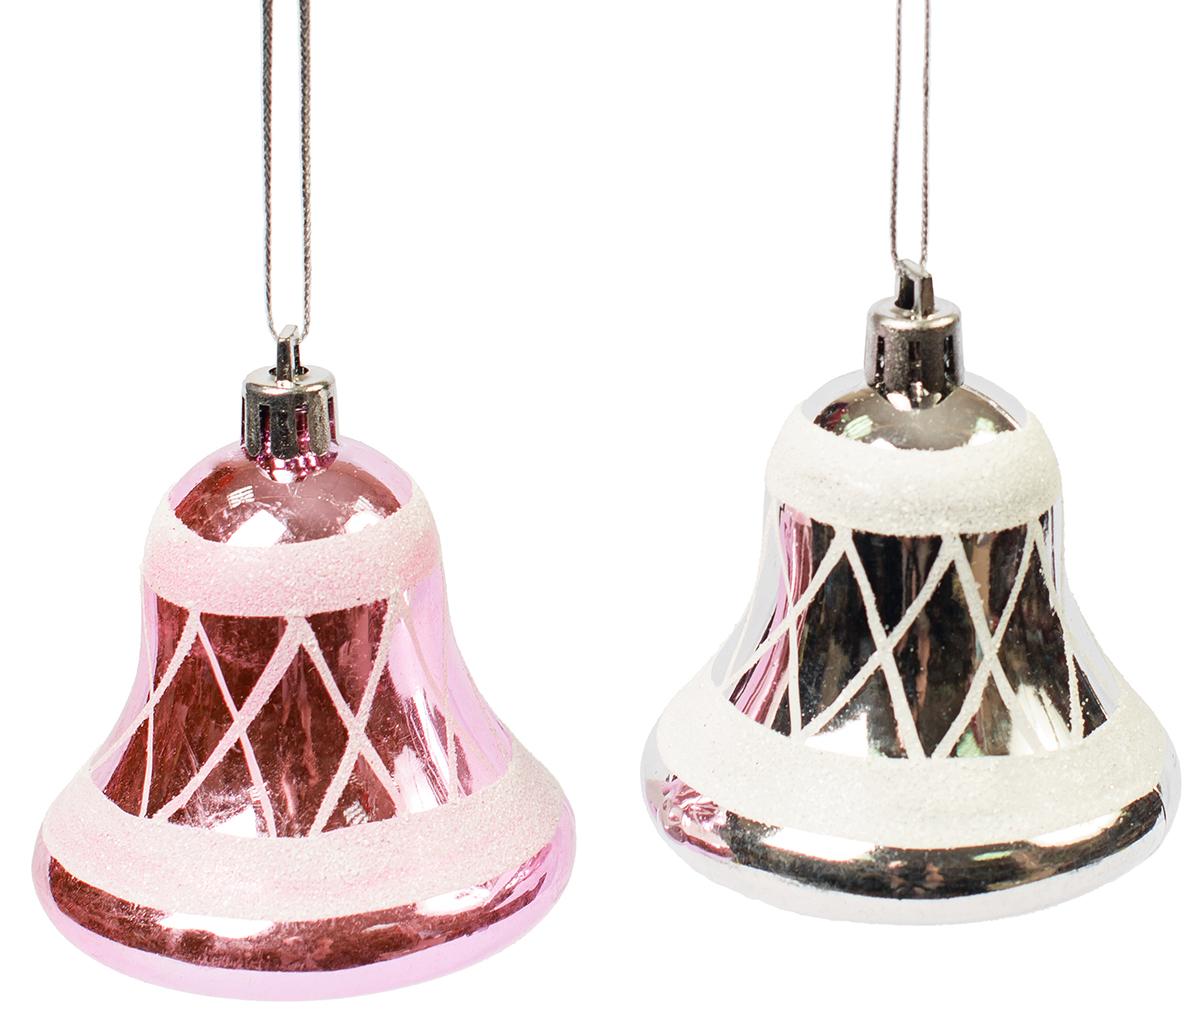 Украшение новогоднее подвесное Magic Time, 2 шт. 7546175461Новогоднее подвесное украшение, выполненное из пластика, в виде колокольчиков.В наборе 2 шт.